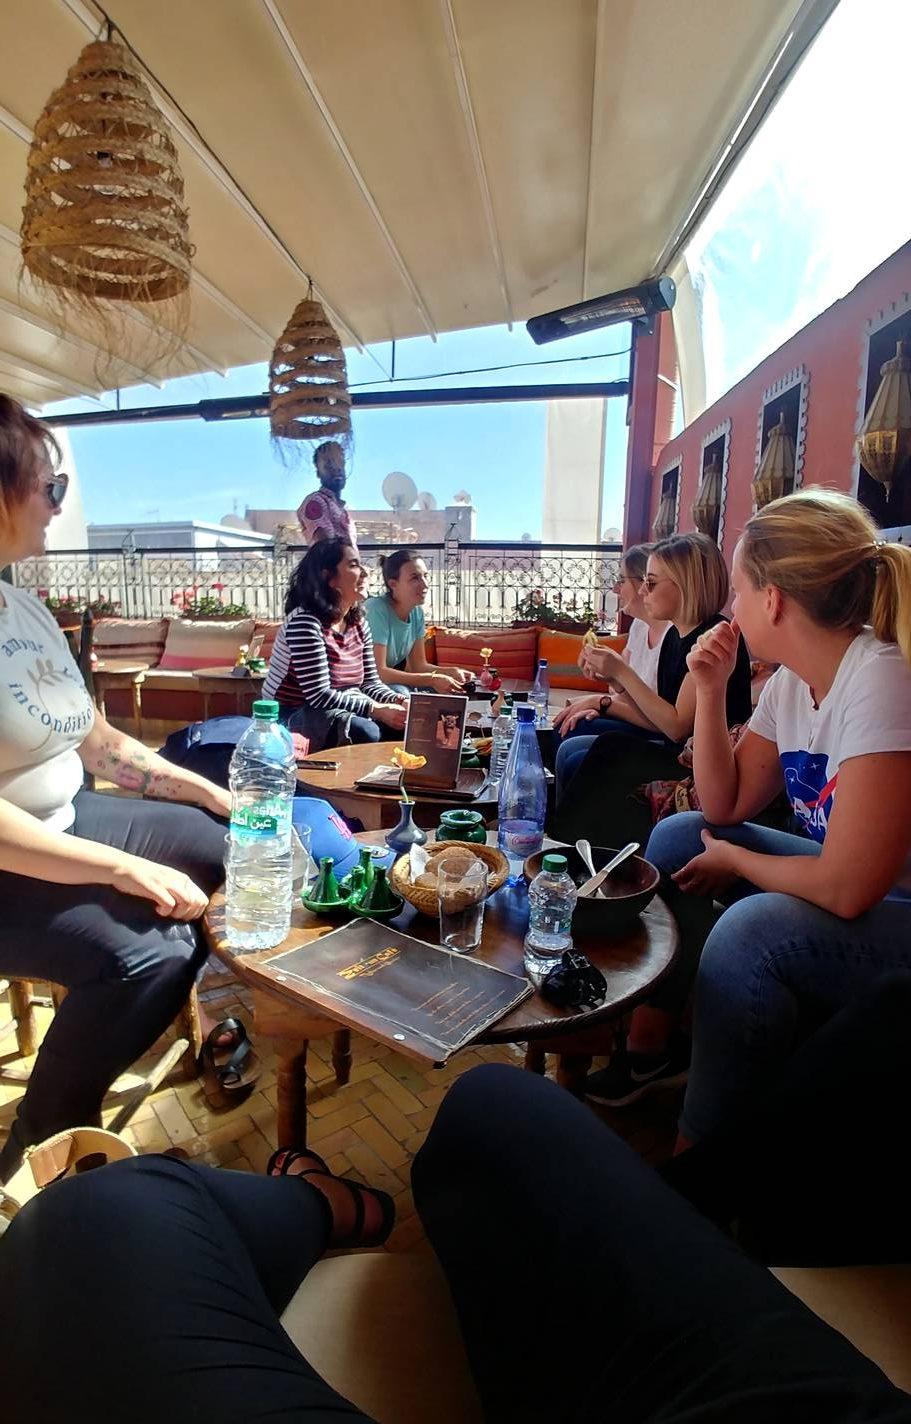 Maroc - Les filles prennent une pause dans un café du quartier de la kasbah à Marrakech